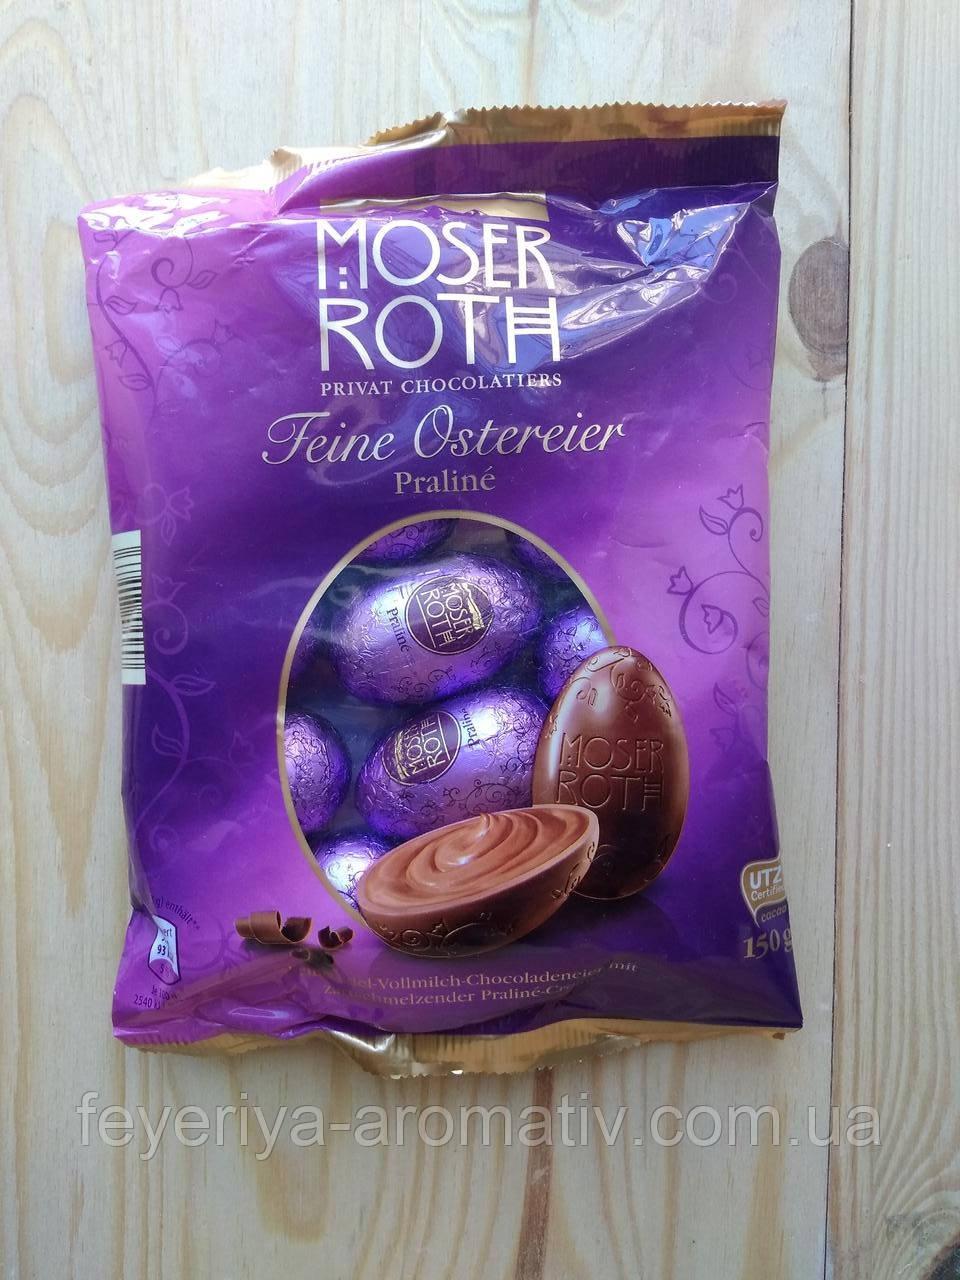 Шоколадные яйца Moser Roth Feine Ostereier Praline 150г (Германия)